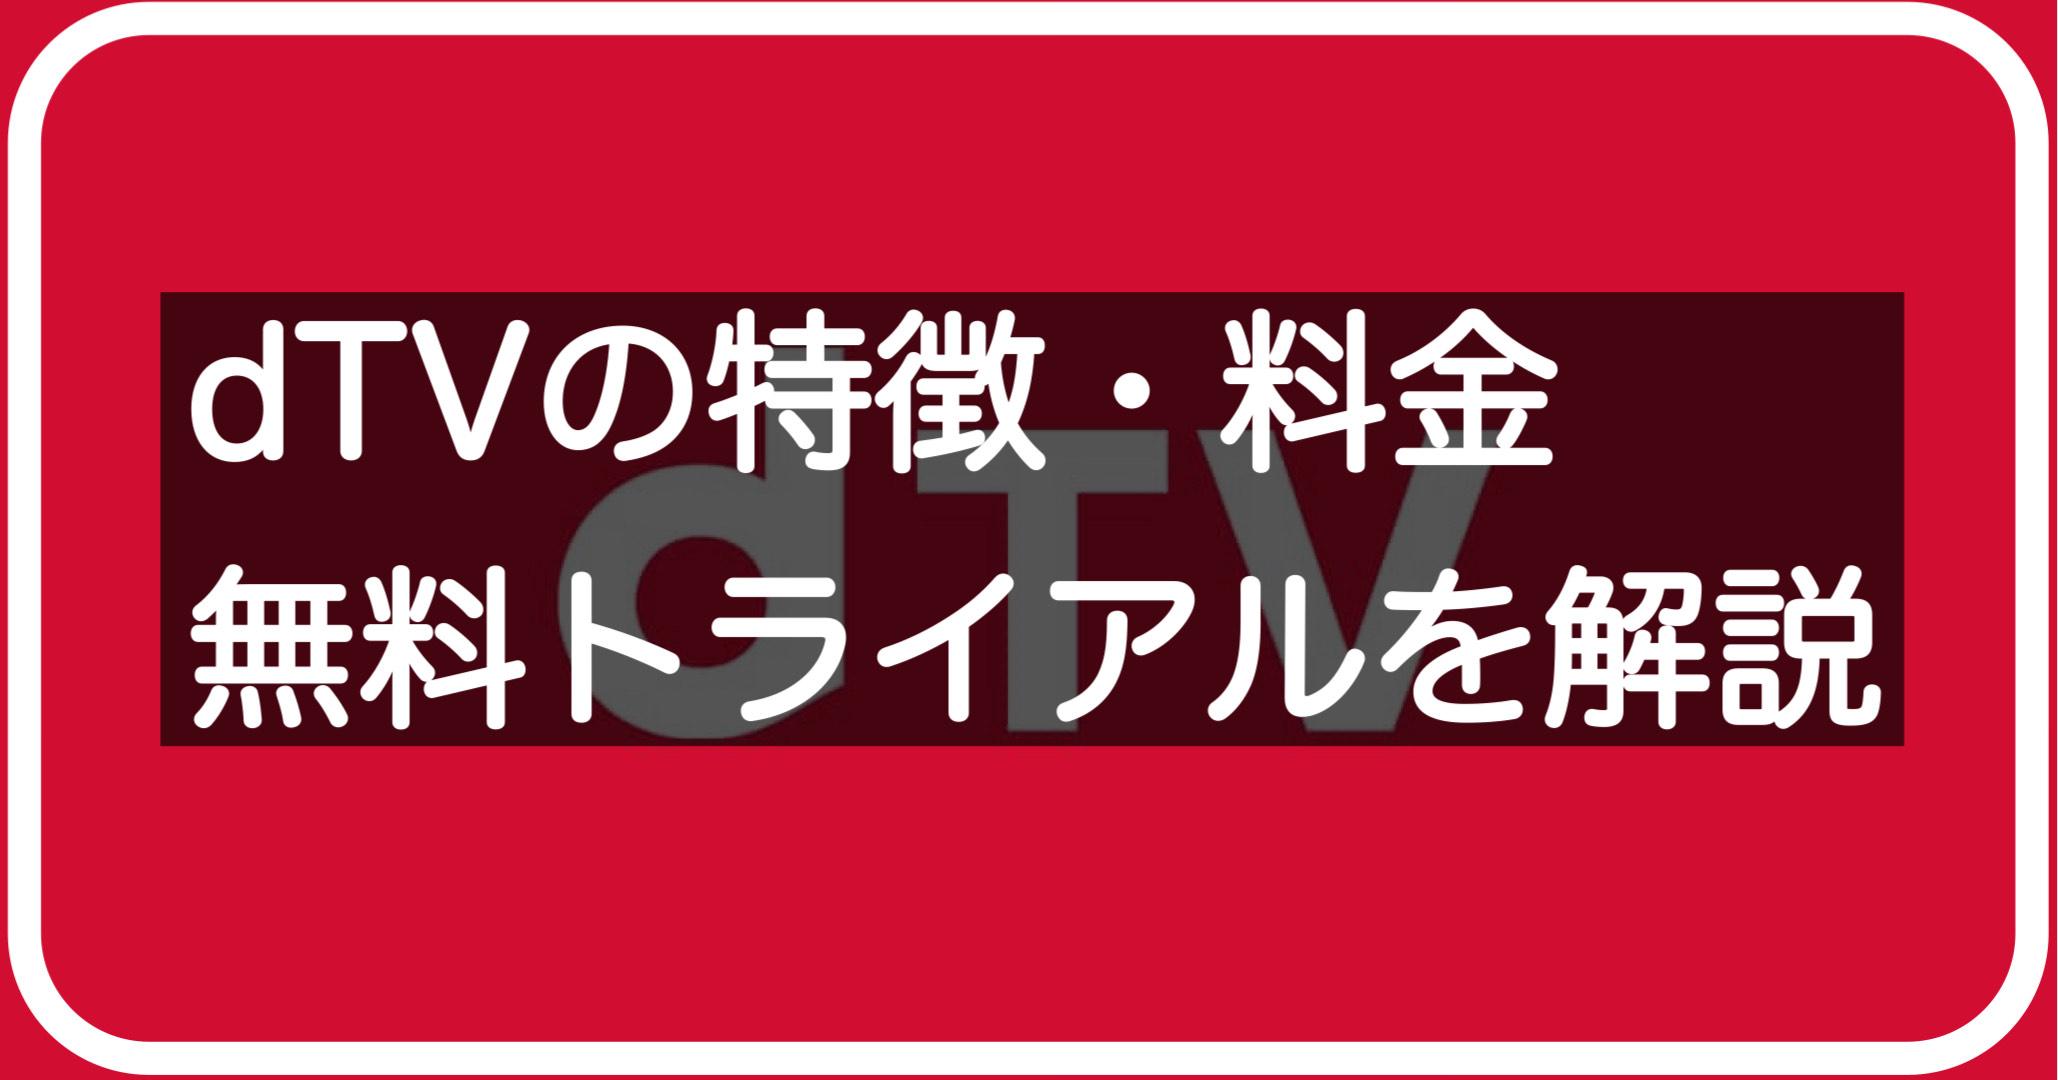 dTVの特徴・料金・無料トライアルについて詳しく解説